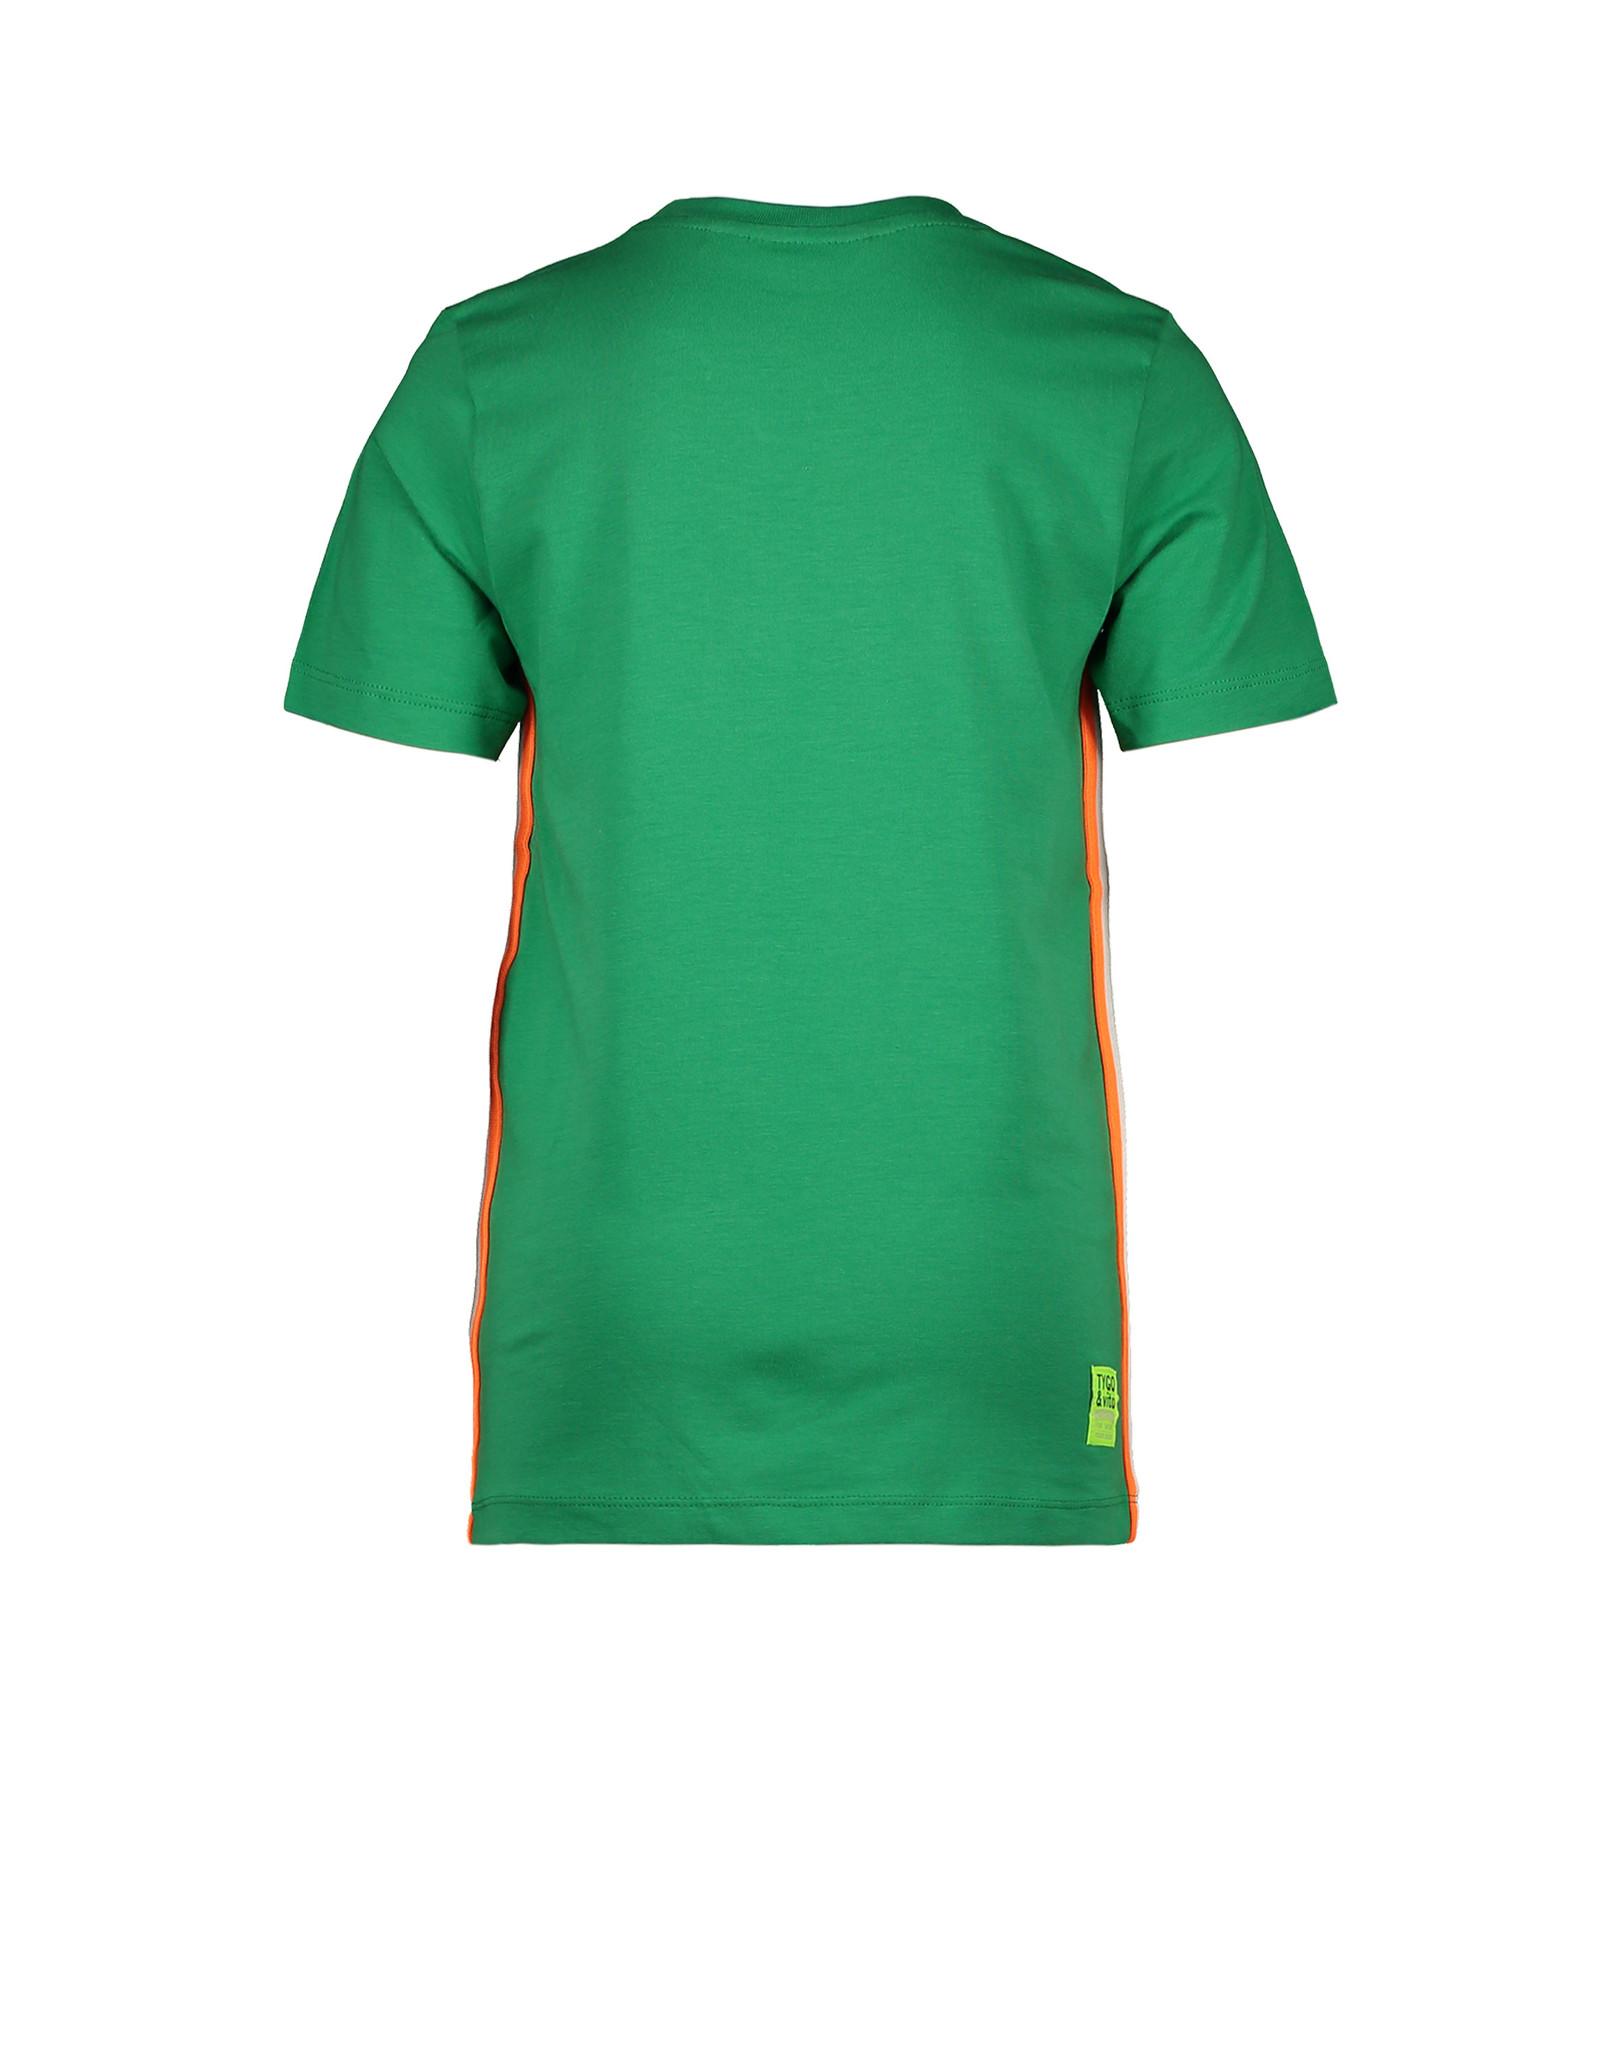 Tygo & Vito T&v t-shirt ENJOY the RIDE Maat 98/104